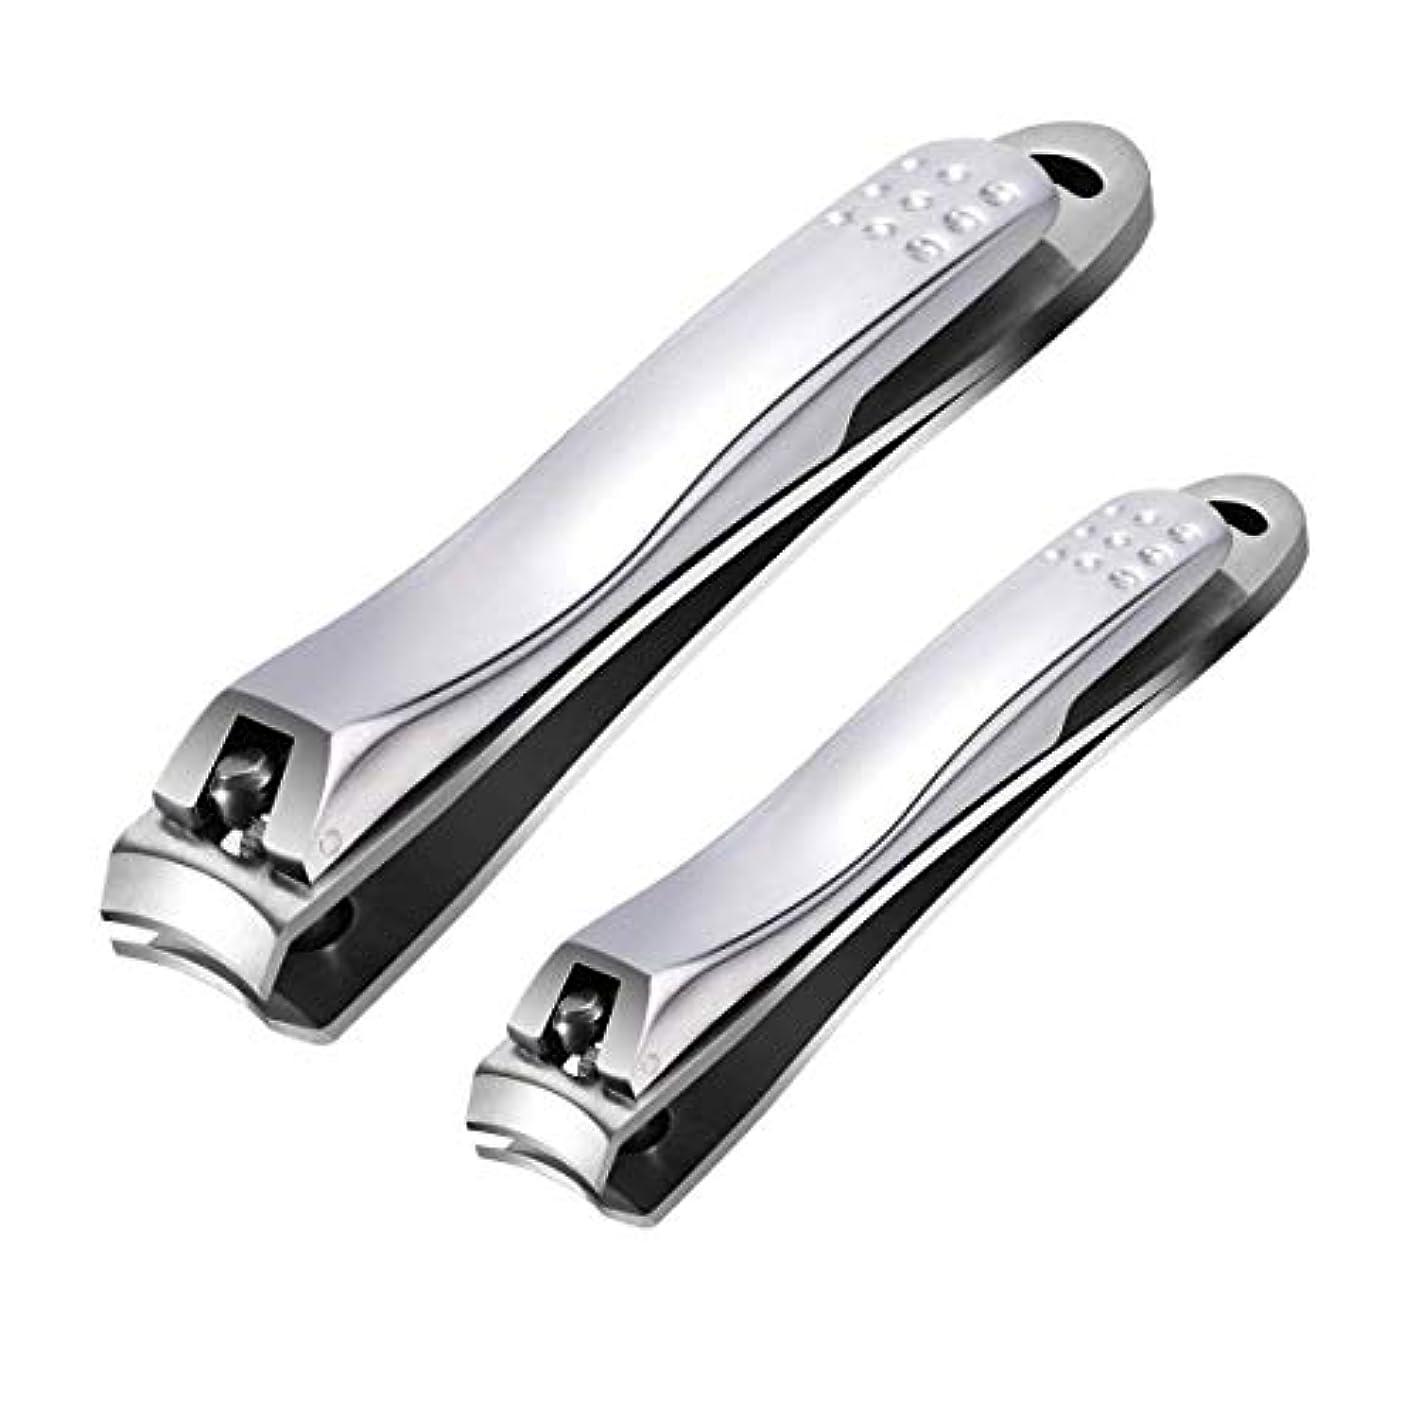 未亡人保守的伝統的つめきり ステンレス製高級 爪切り 爪やすり付き 手足はがね ツメキリ 握りやすい スパット切れる レザーケース付き付属 (2サイズ)